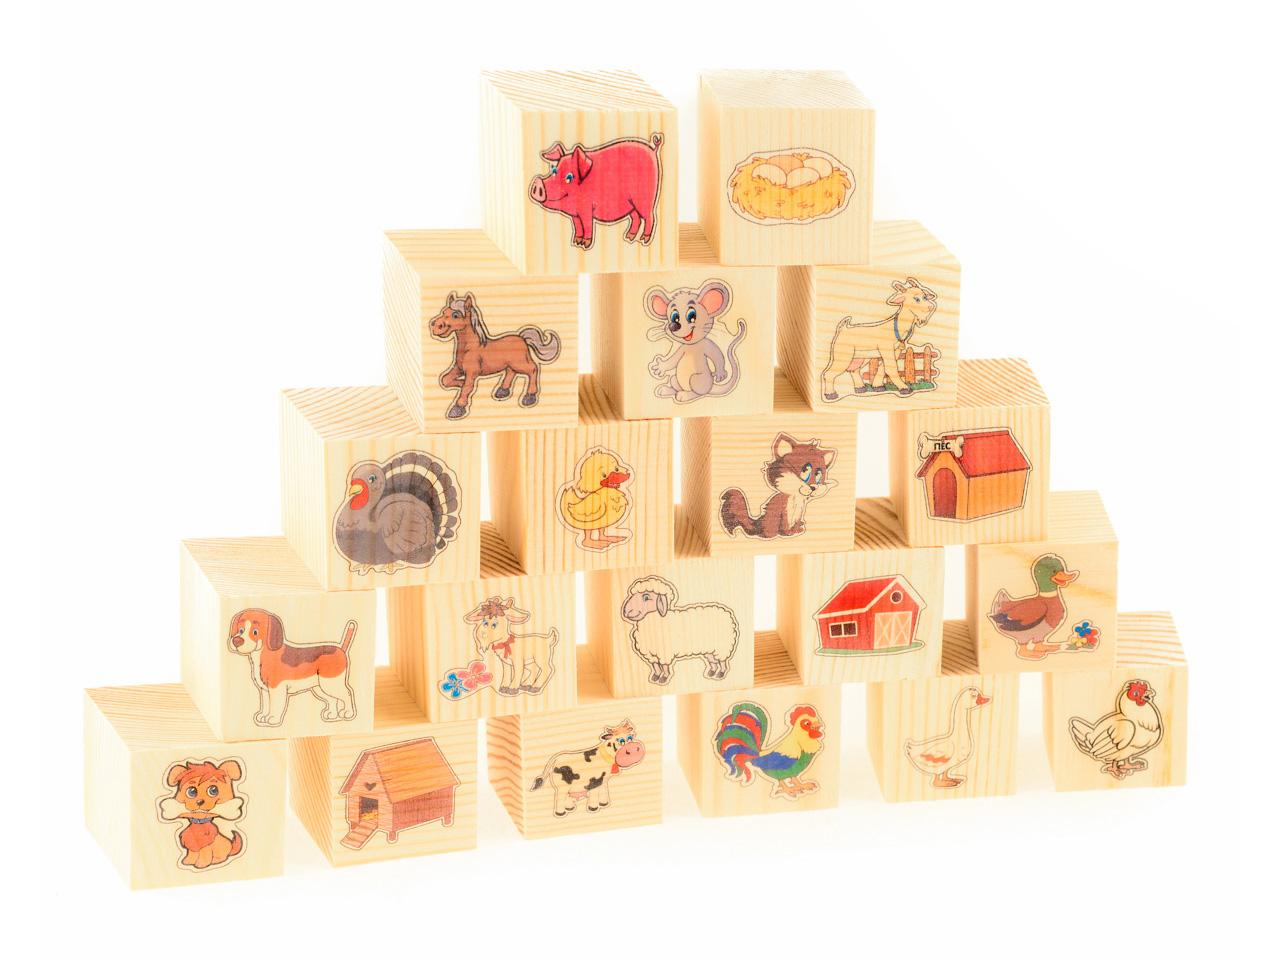 Развивающие деревянные игрушки Кубики На ферме развивающие деревянные игрушки кубики сладости